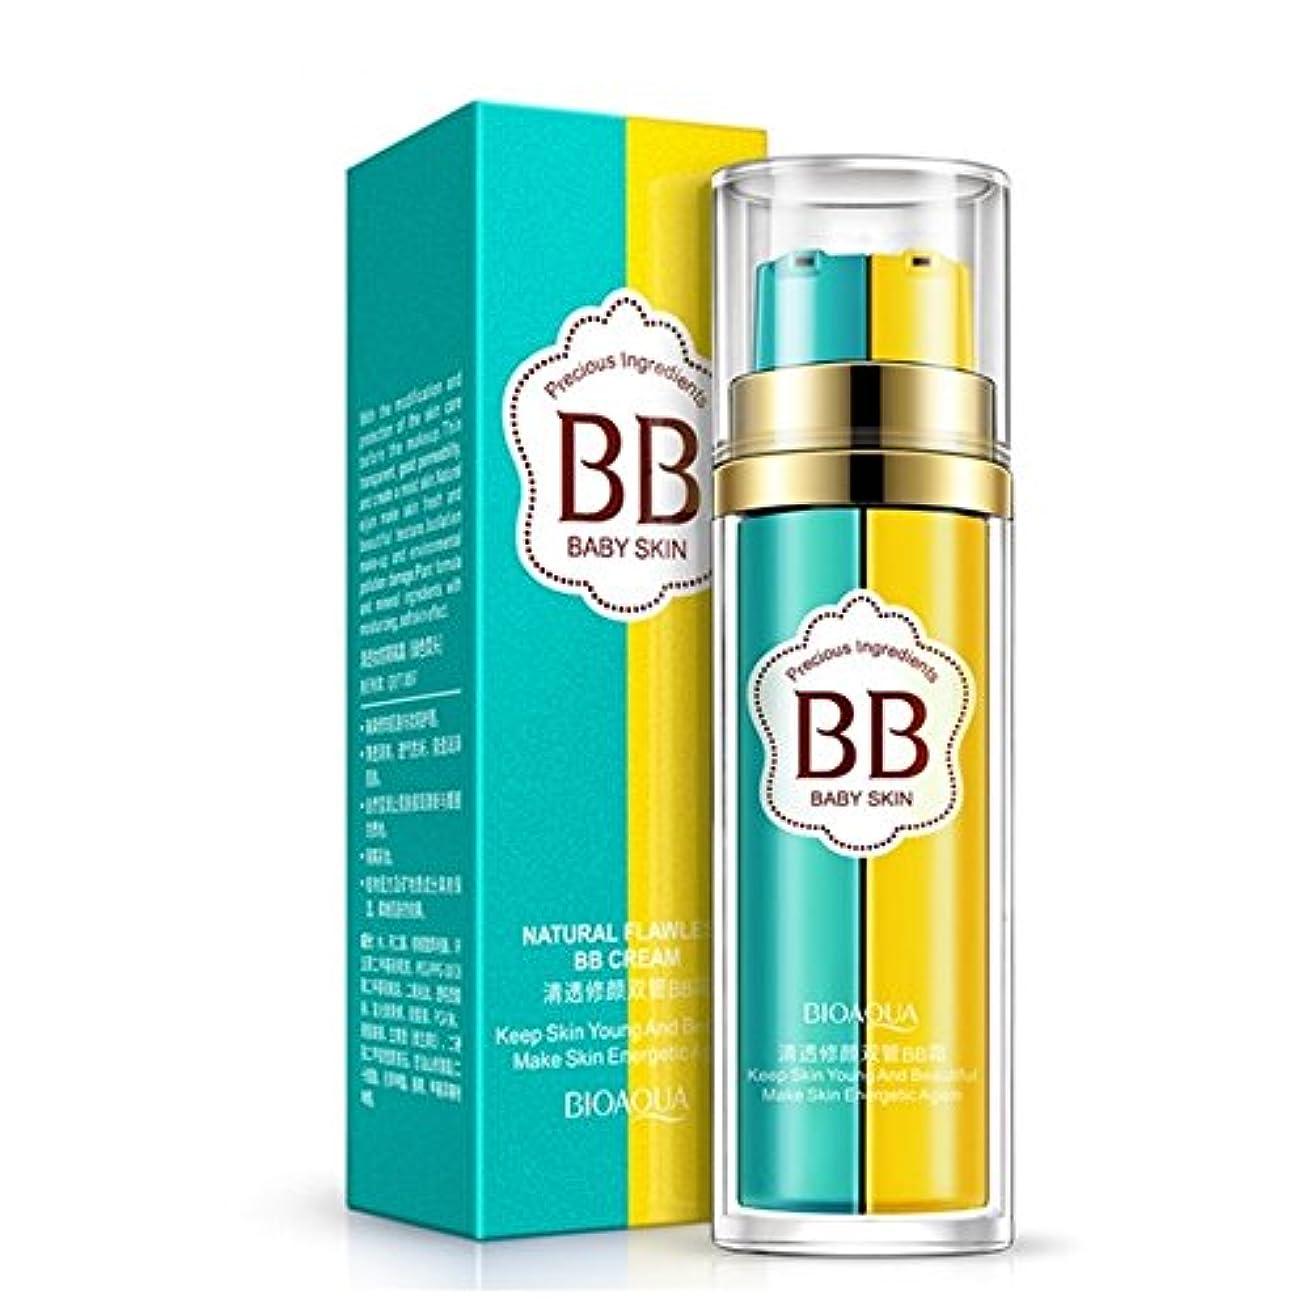 おいしい大人配るFace Double BB Cream Concealer Moisturizing Nourish Brighten BB Cream Natural Nude Makeup Long-Lasting Not Easy...